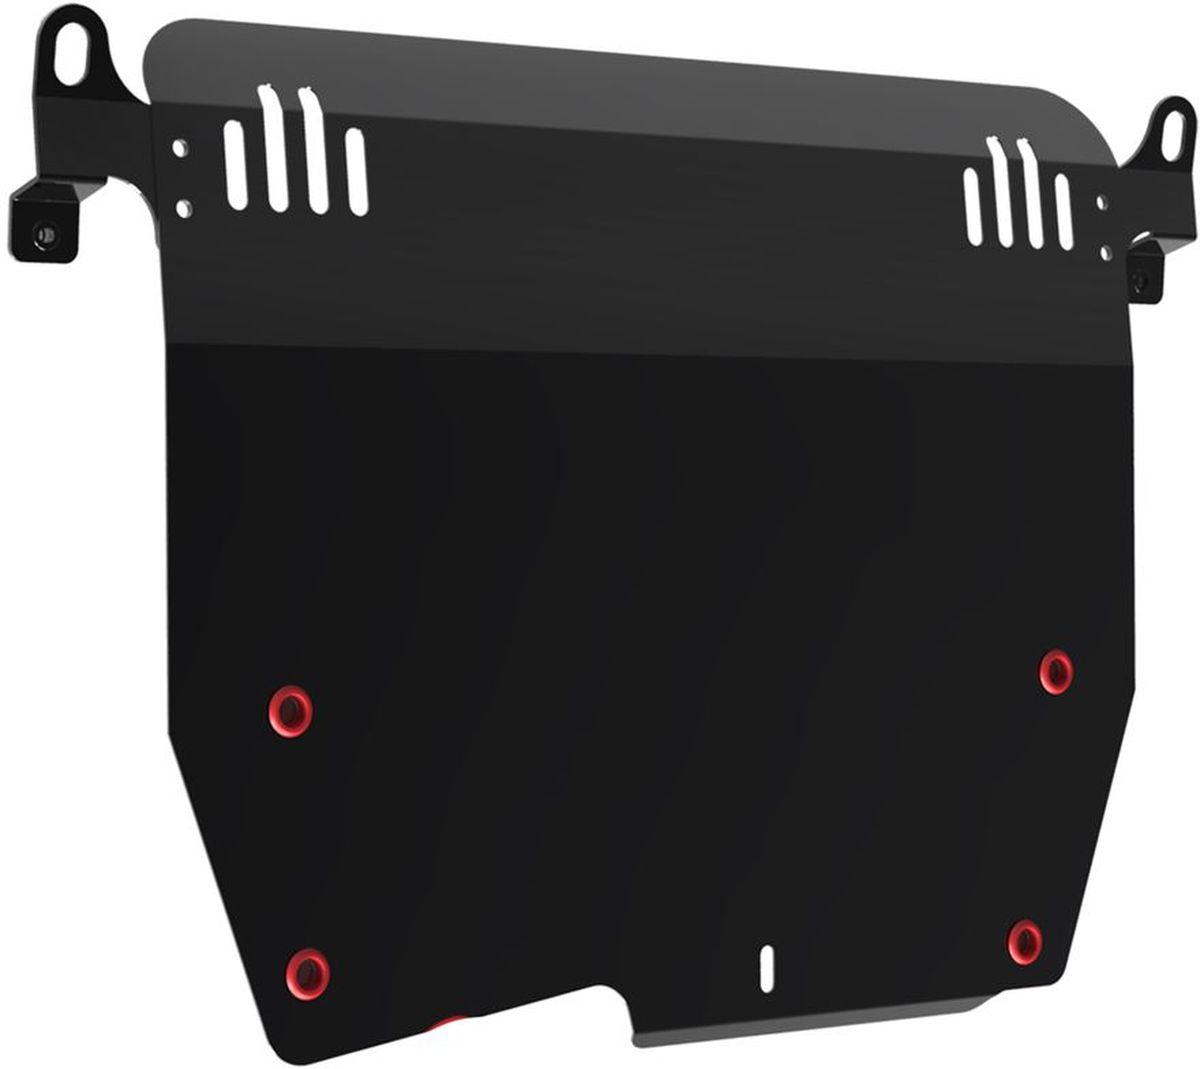 Защита картера и КПП Автоброня, для Honda Accord. 111.02101.2111.02101.2Технологически совершенный продукт за невысокую стоимость. Защита разработана с учетом особенностей днища автомобиля, что позволяет сохранить дорожный просвет с минимальным изменением. Защита устанавливается в штатные места кузова автомобиля. Глубокий штамп обеспечивает до двух раз больше жесткости в сравнении с обычной защитой той же толщины. Проштампованные ребра жесткости препятствуют деформации защиты при ударах. Тепловой зазор и вентиляционные отверстия обеспечивают сохранение температурного режима двигателя в норме. Скрытый крепеж предотвращает срыв крепежных элементов при наезде на препятствие. Шумопоглощающие резиновые элементы обеспечивают комфортную езду без вибраций и скрежета металла, а съемные лючки для слива масла и замены фильтра - экономию средств и время. Конструкция изделия не влияет на пассивную безопасность автомобиля (при ударе защита не воздействует на деформационные зоны кузова). Со штатным крепежом. В комплекте инструкция по...